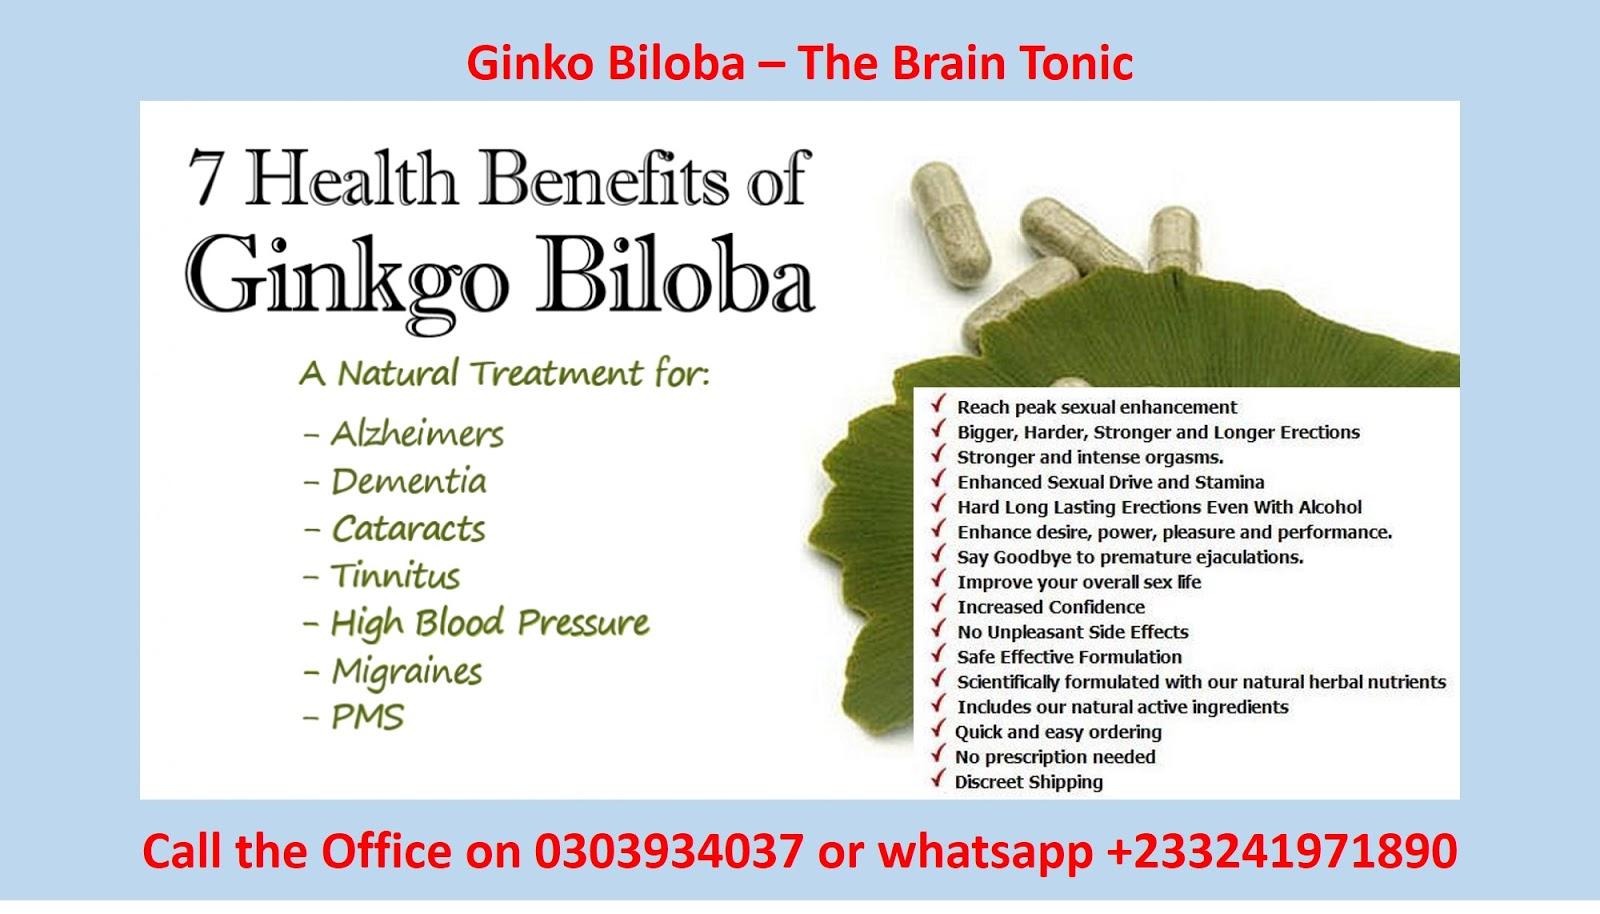 Ginkgo biloba benefits sexual